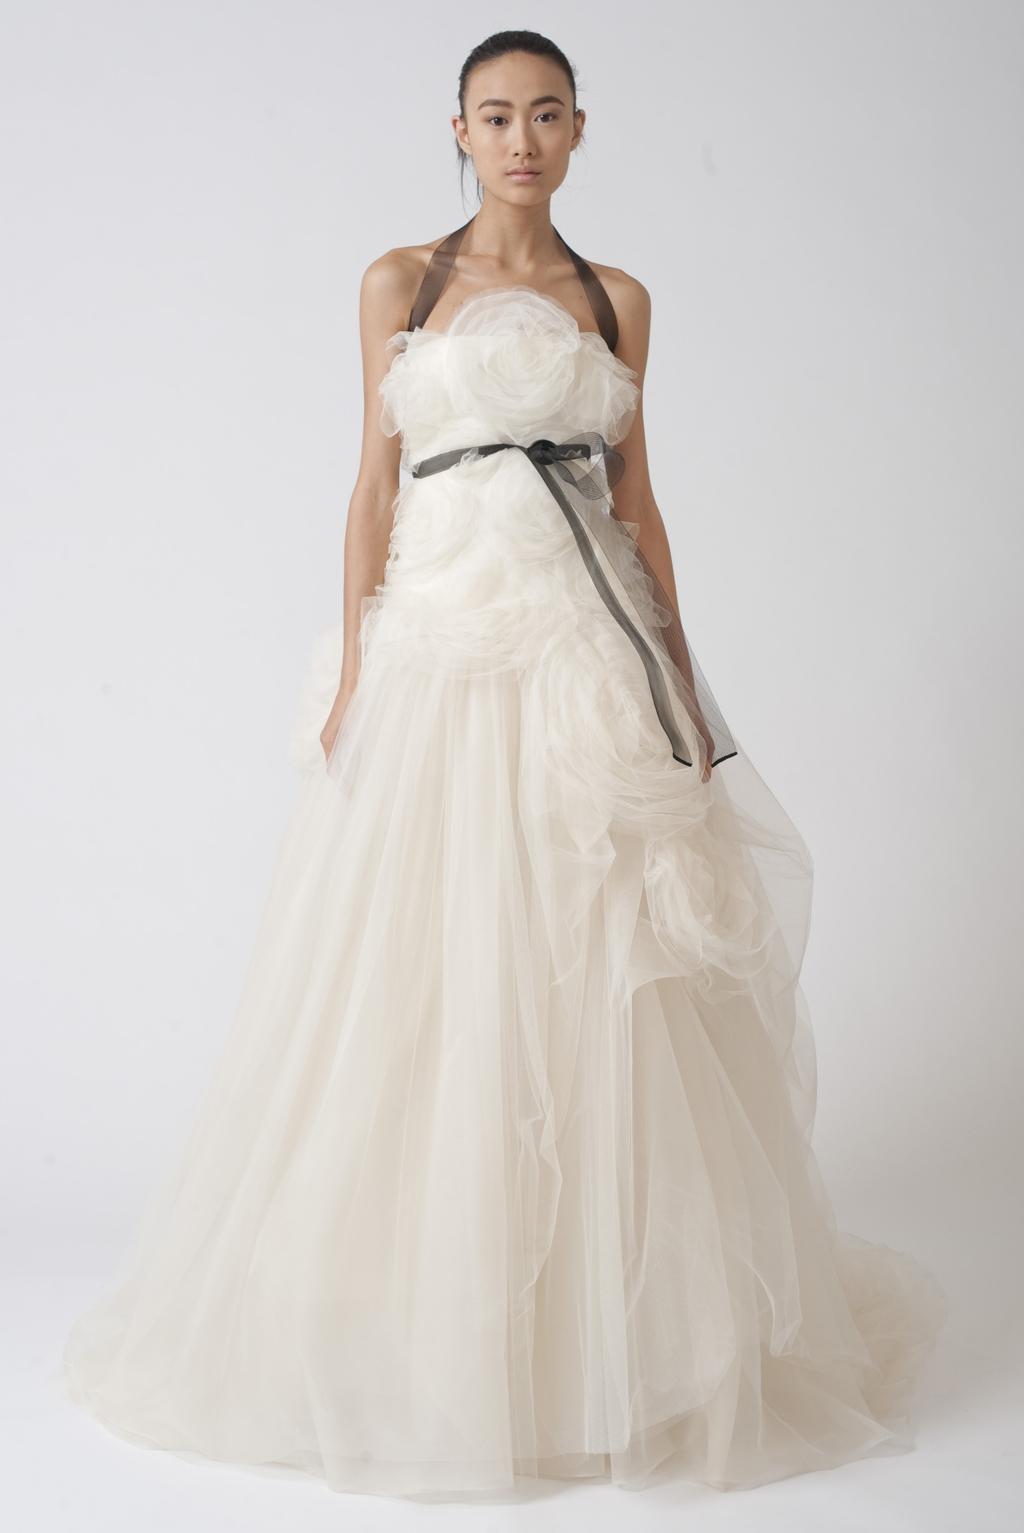 Vera-wang-wedding-dresses-fall-2010-10.full